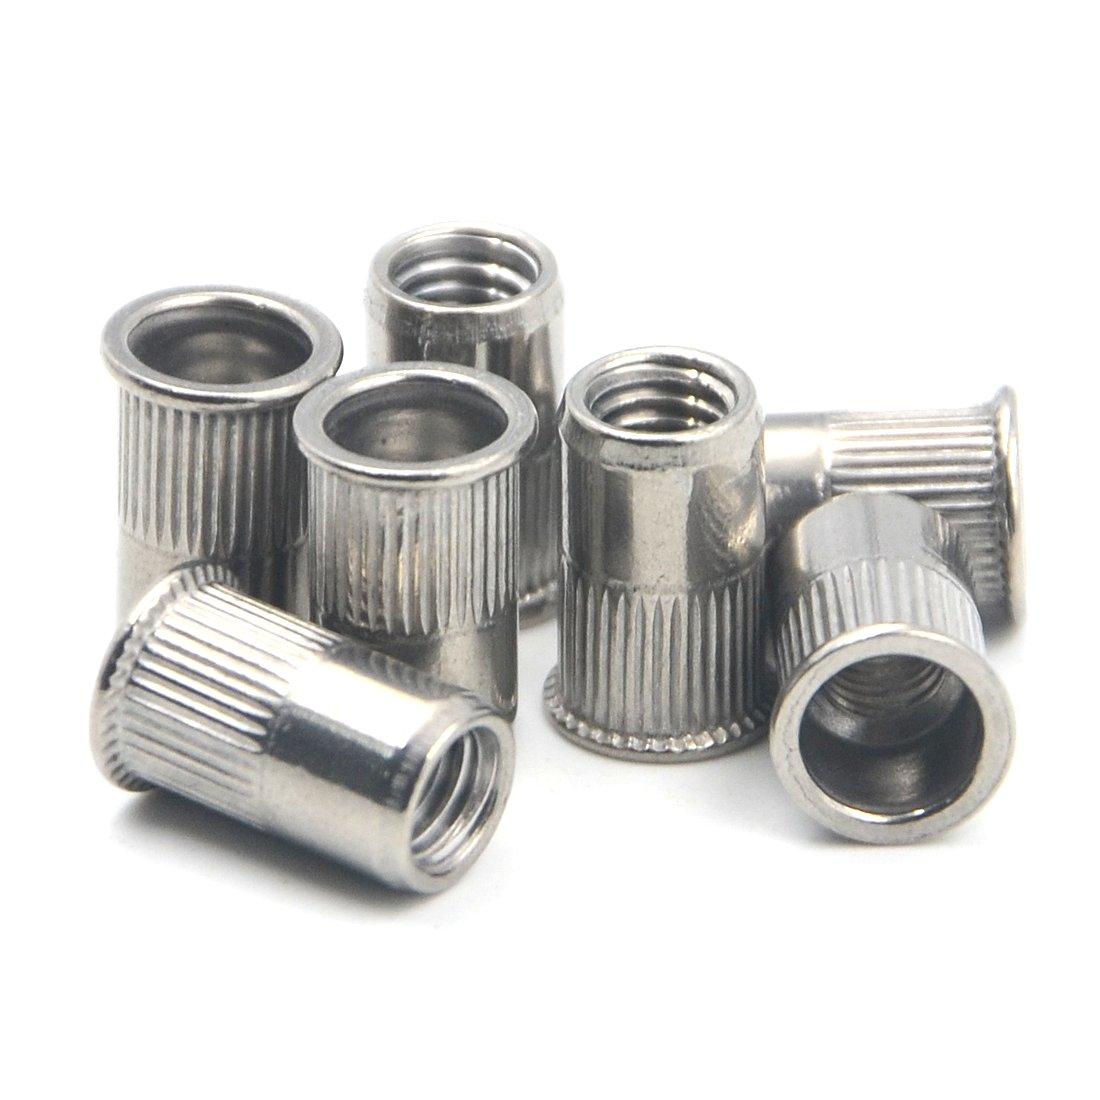 Angelakerry 50pcs M10 304 Stainless Steel Normal Head Rivet Rivnut Insert Nutsert Nut Threaded Multi